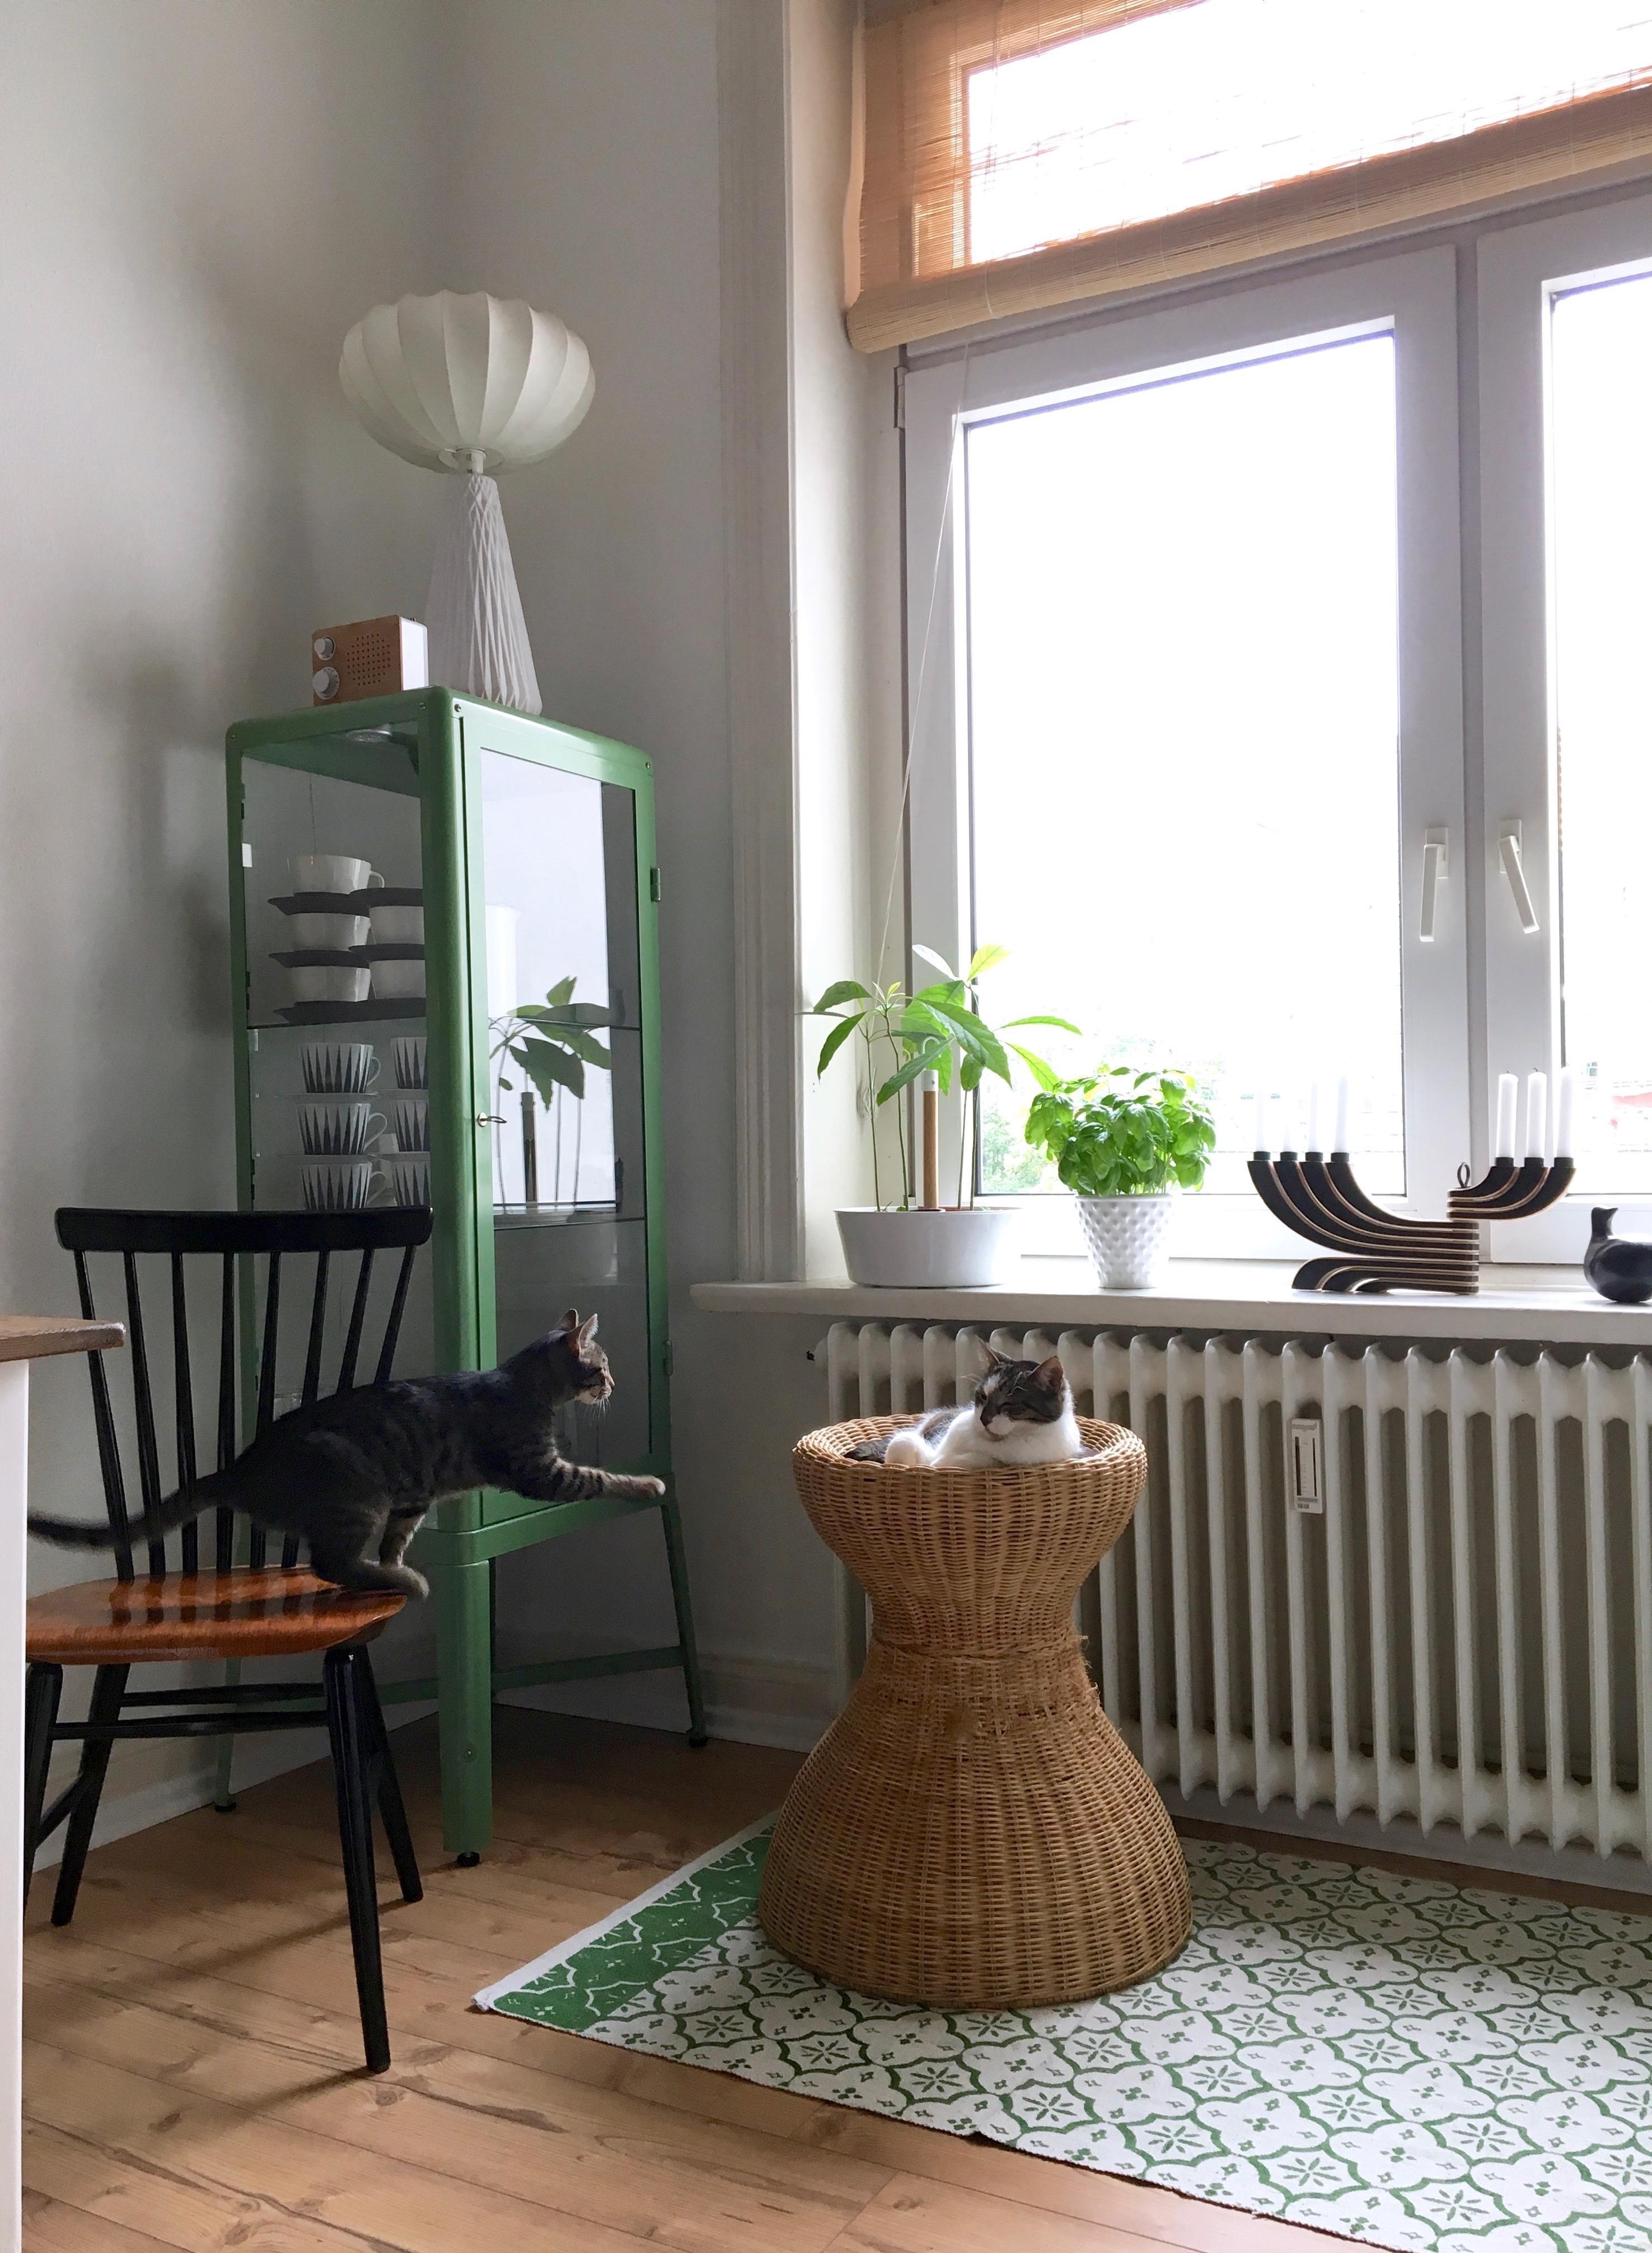 kleines schlafzimmer altbau einrichten ideen dachausbau schlafzimmer ikea wohn team 7 abverkauf. Black Bedroom Furniture Sets. Home Design Ideas